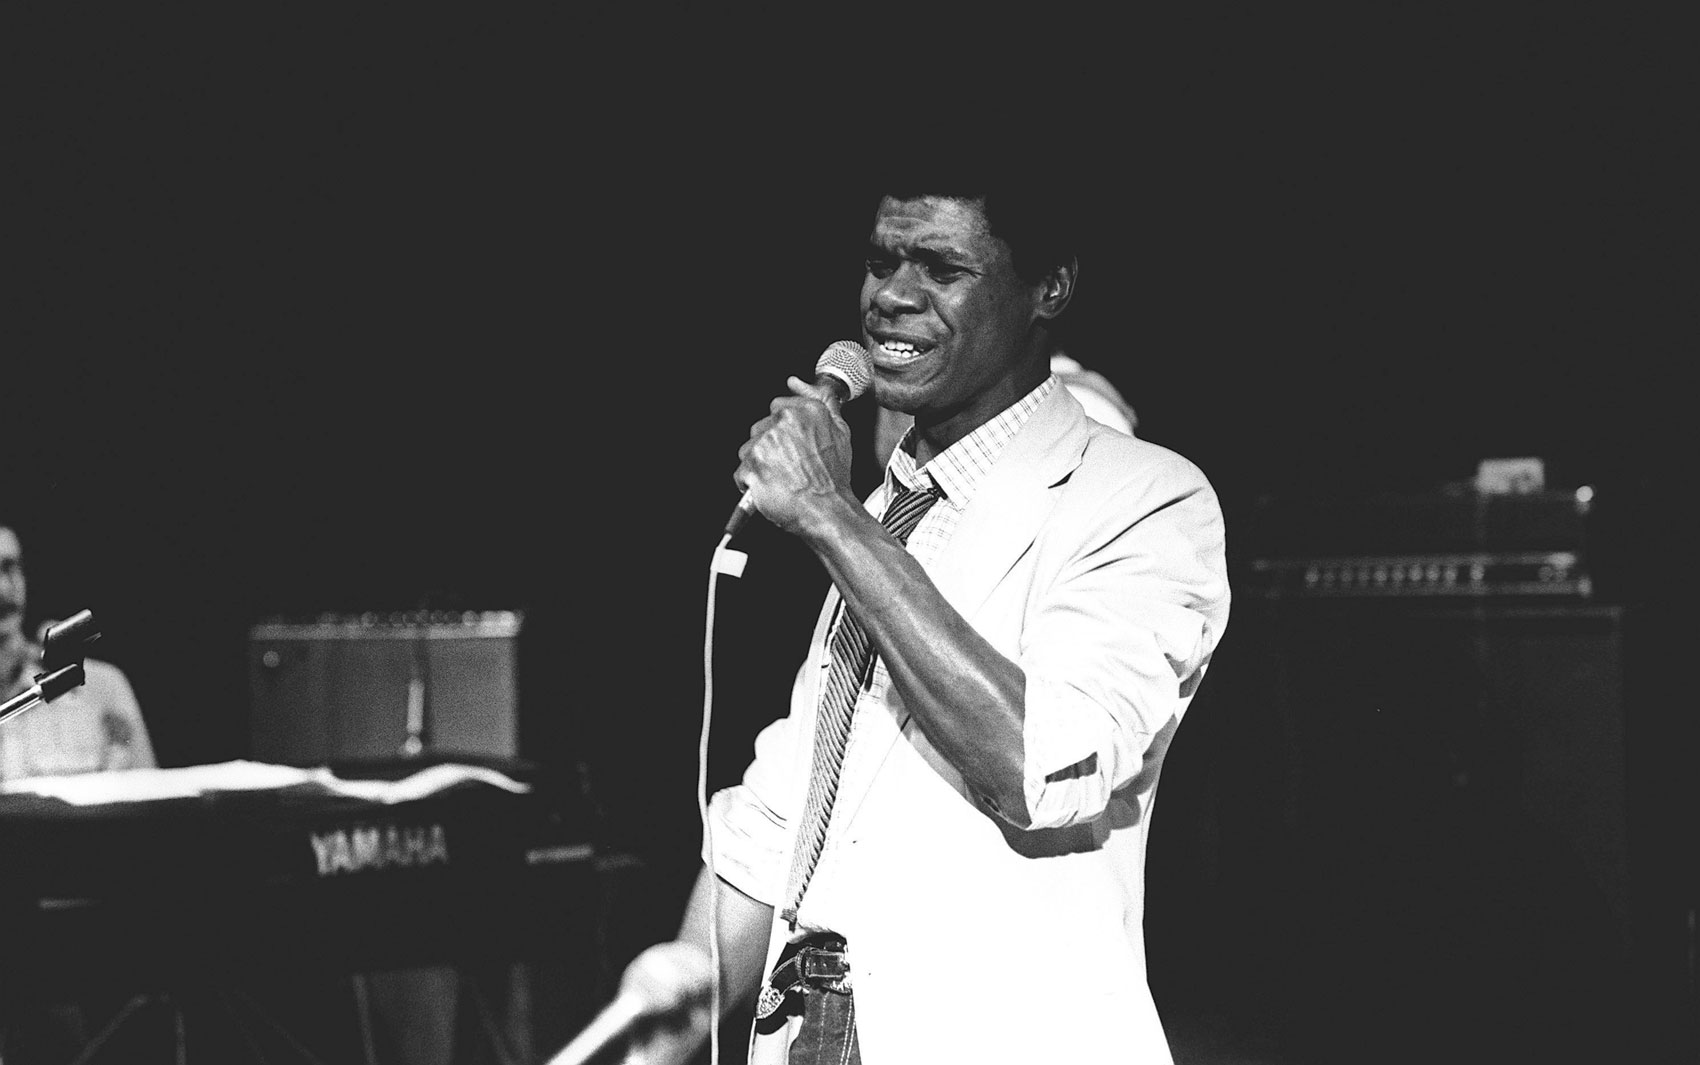 Emílio Santiago no show de 5 anos do projeto Pixinguinha, no Maracanãzinho, em agosto de 1981